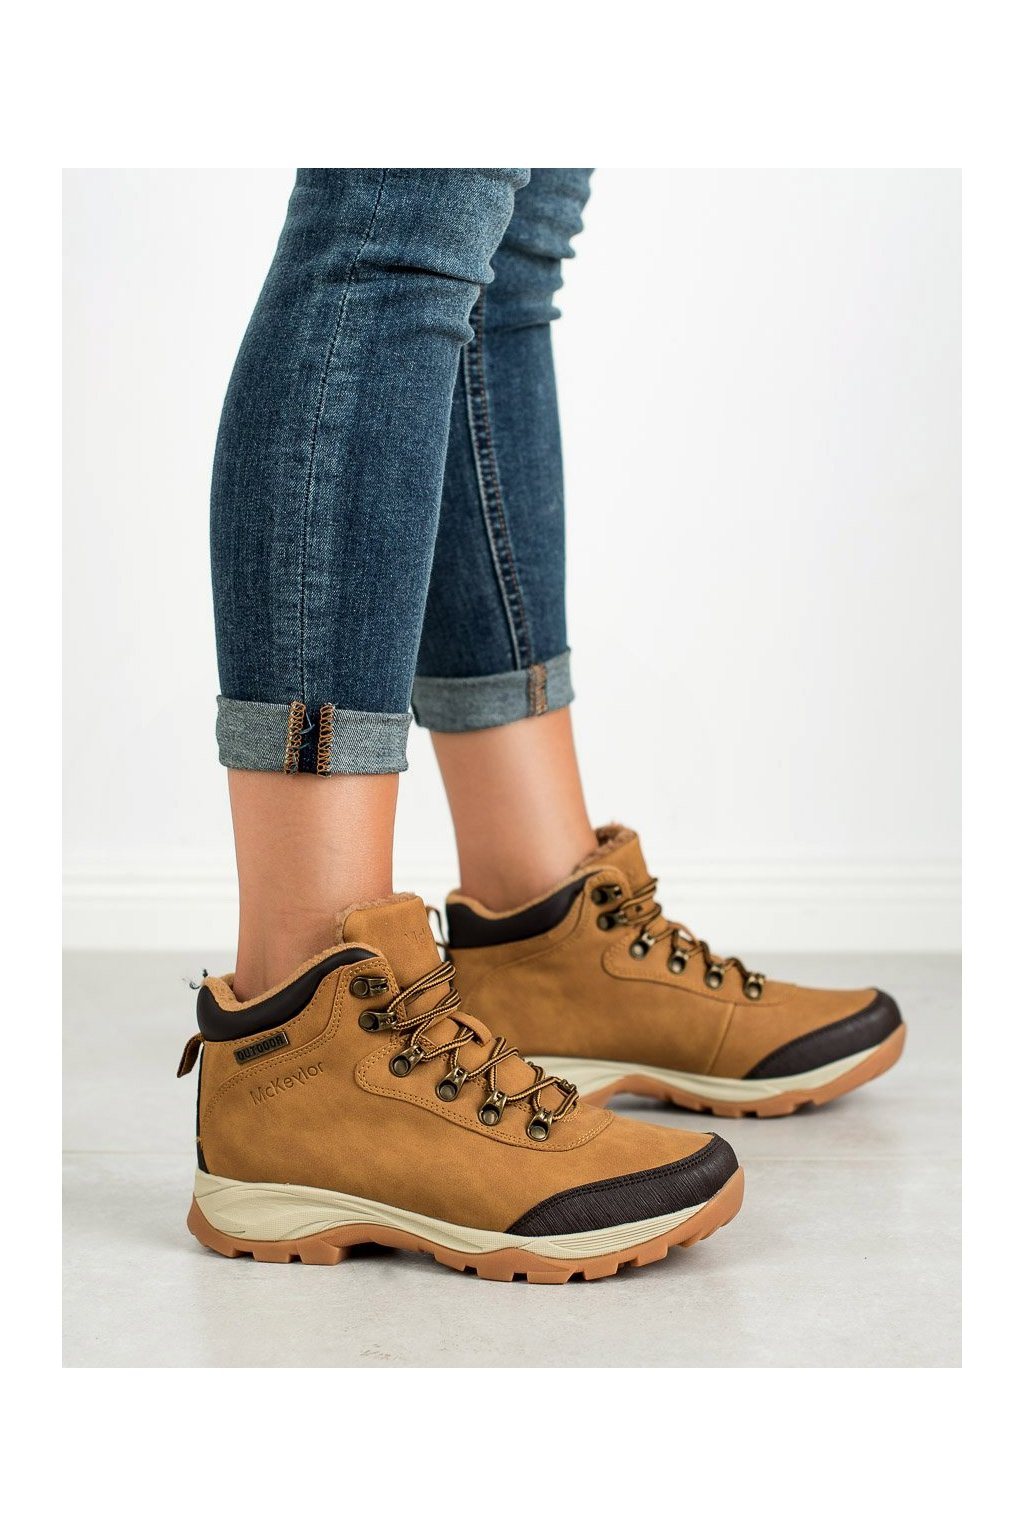 Hnedé trekkingové dámske topánky Mckeylor kod WAL19-12621C